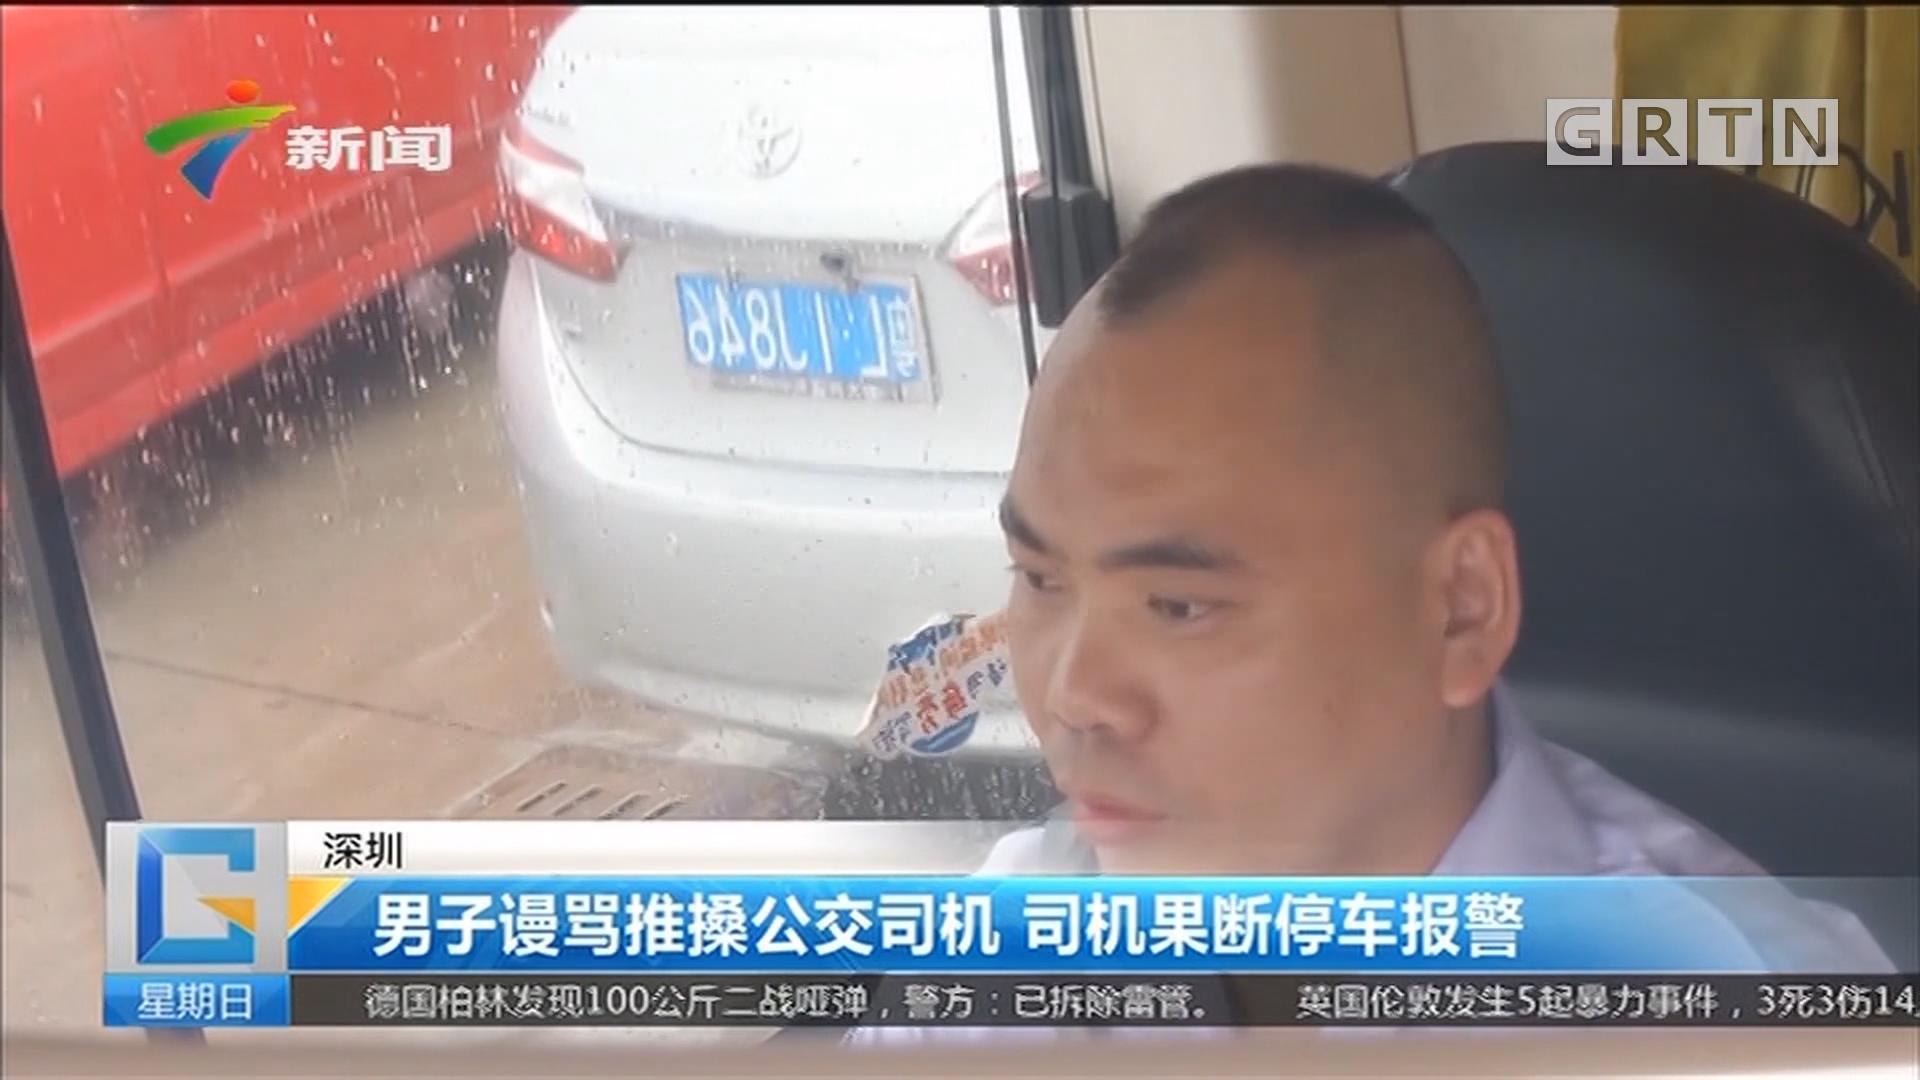 深圳:男子谩骂推搡公交司机 司机果断停车报警